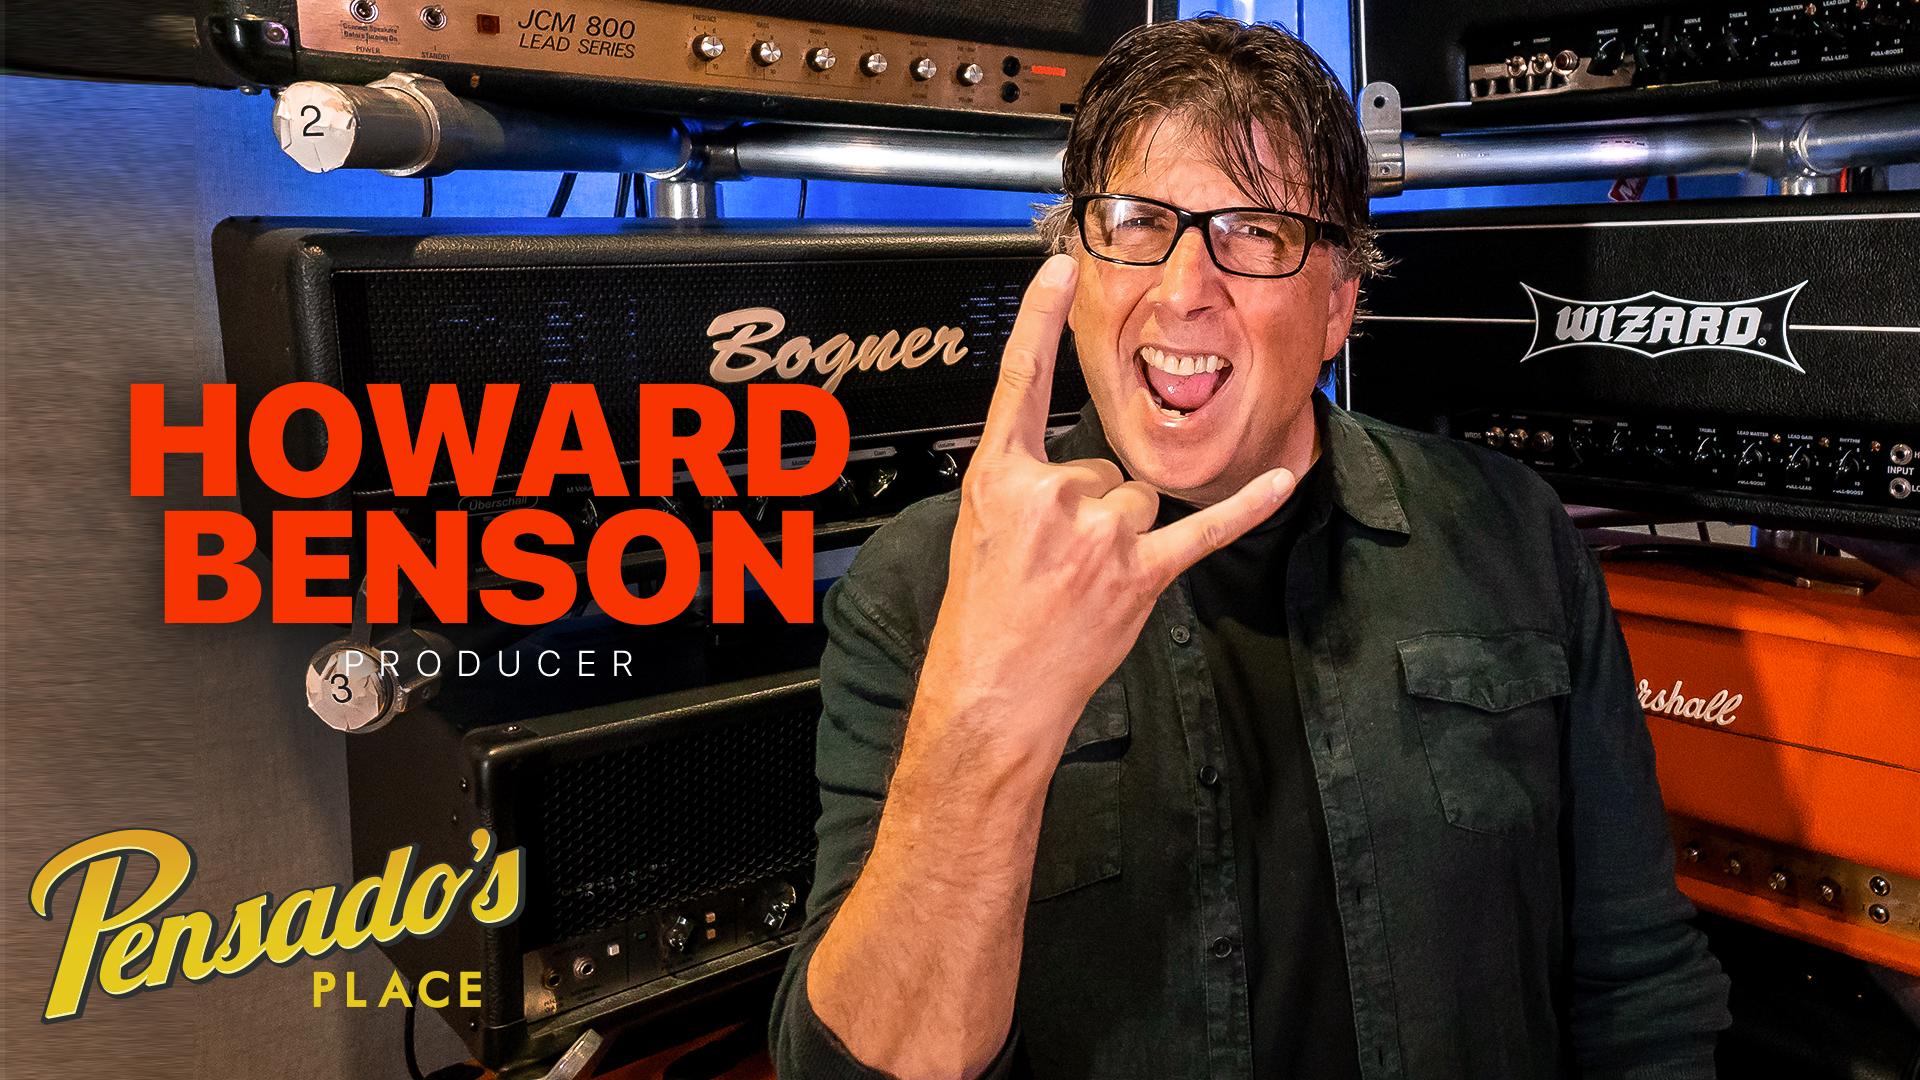 My Chemical Romance Producer, Howard Benson